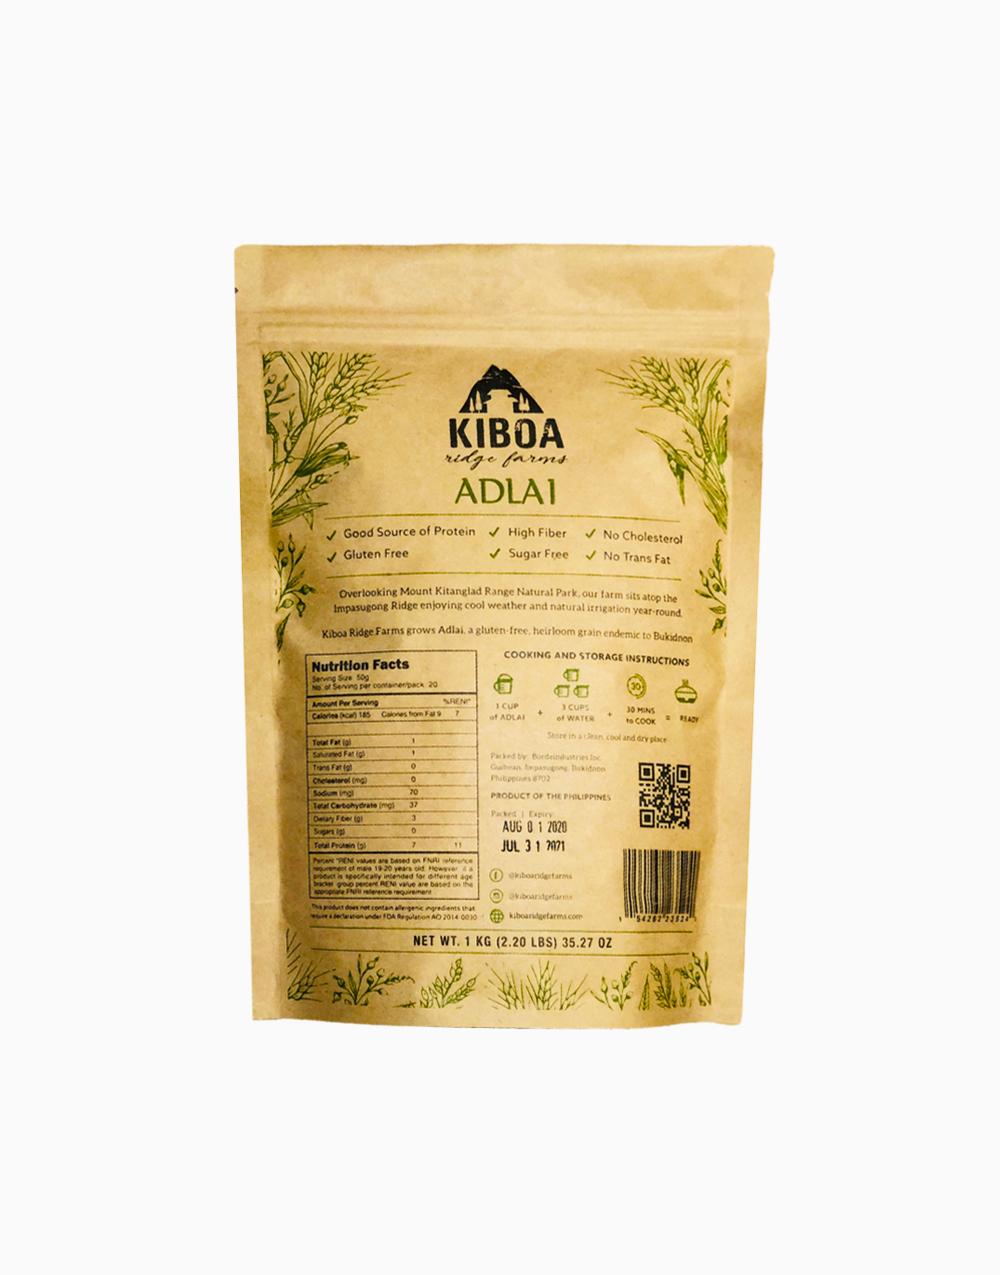 Adlai (1kg) by Kiboa Ridge Farms